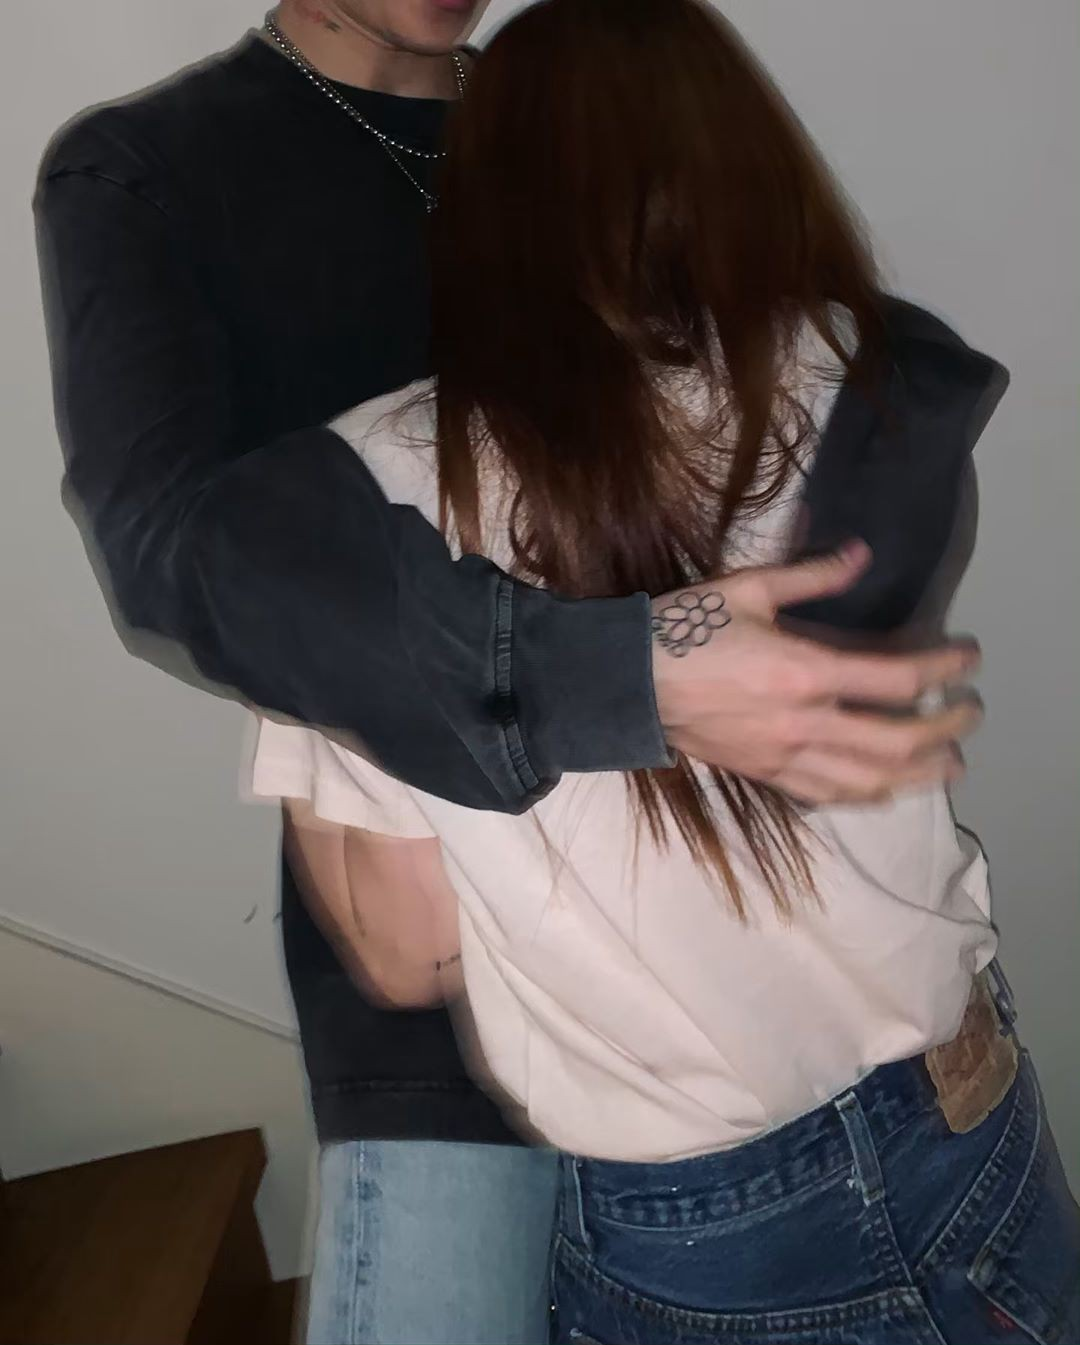 Kỉ niệm 3 năm yêu đương, Hyuna và EDawn khoe ảnh theo phong cách chẳng giống ai nhưng sao mà tình thế này - Ảnh 4.